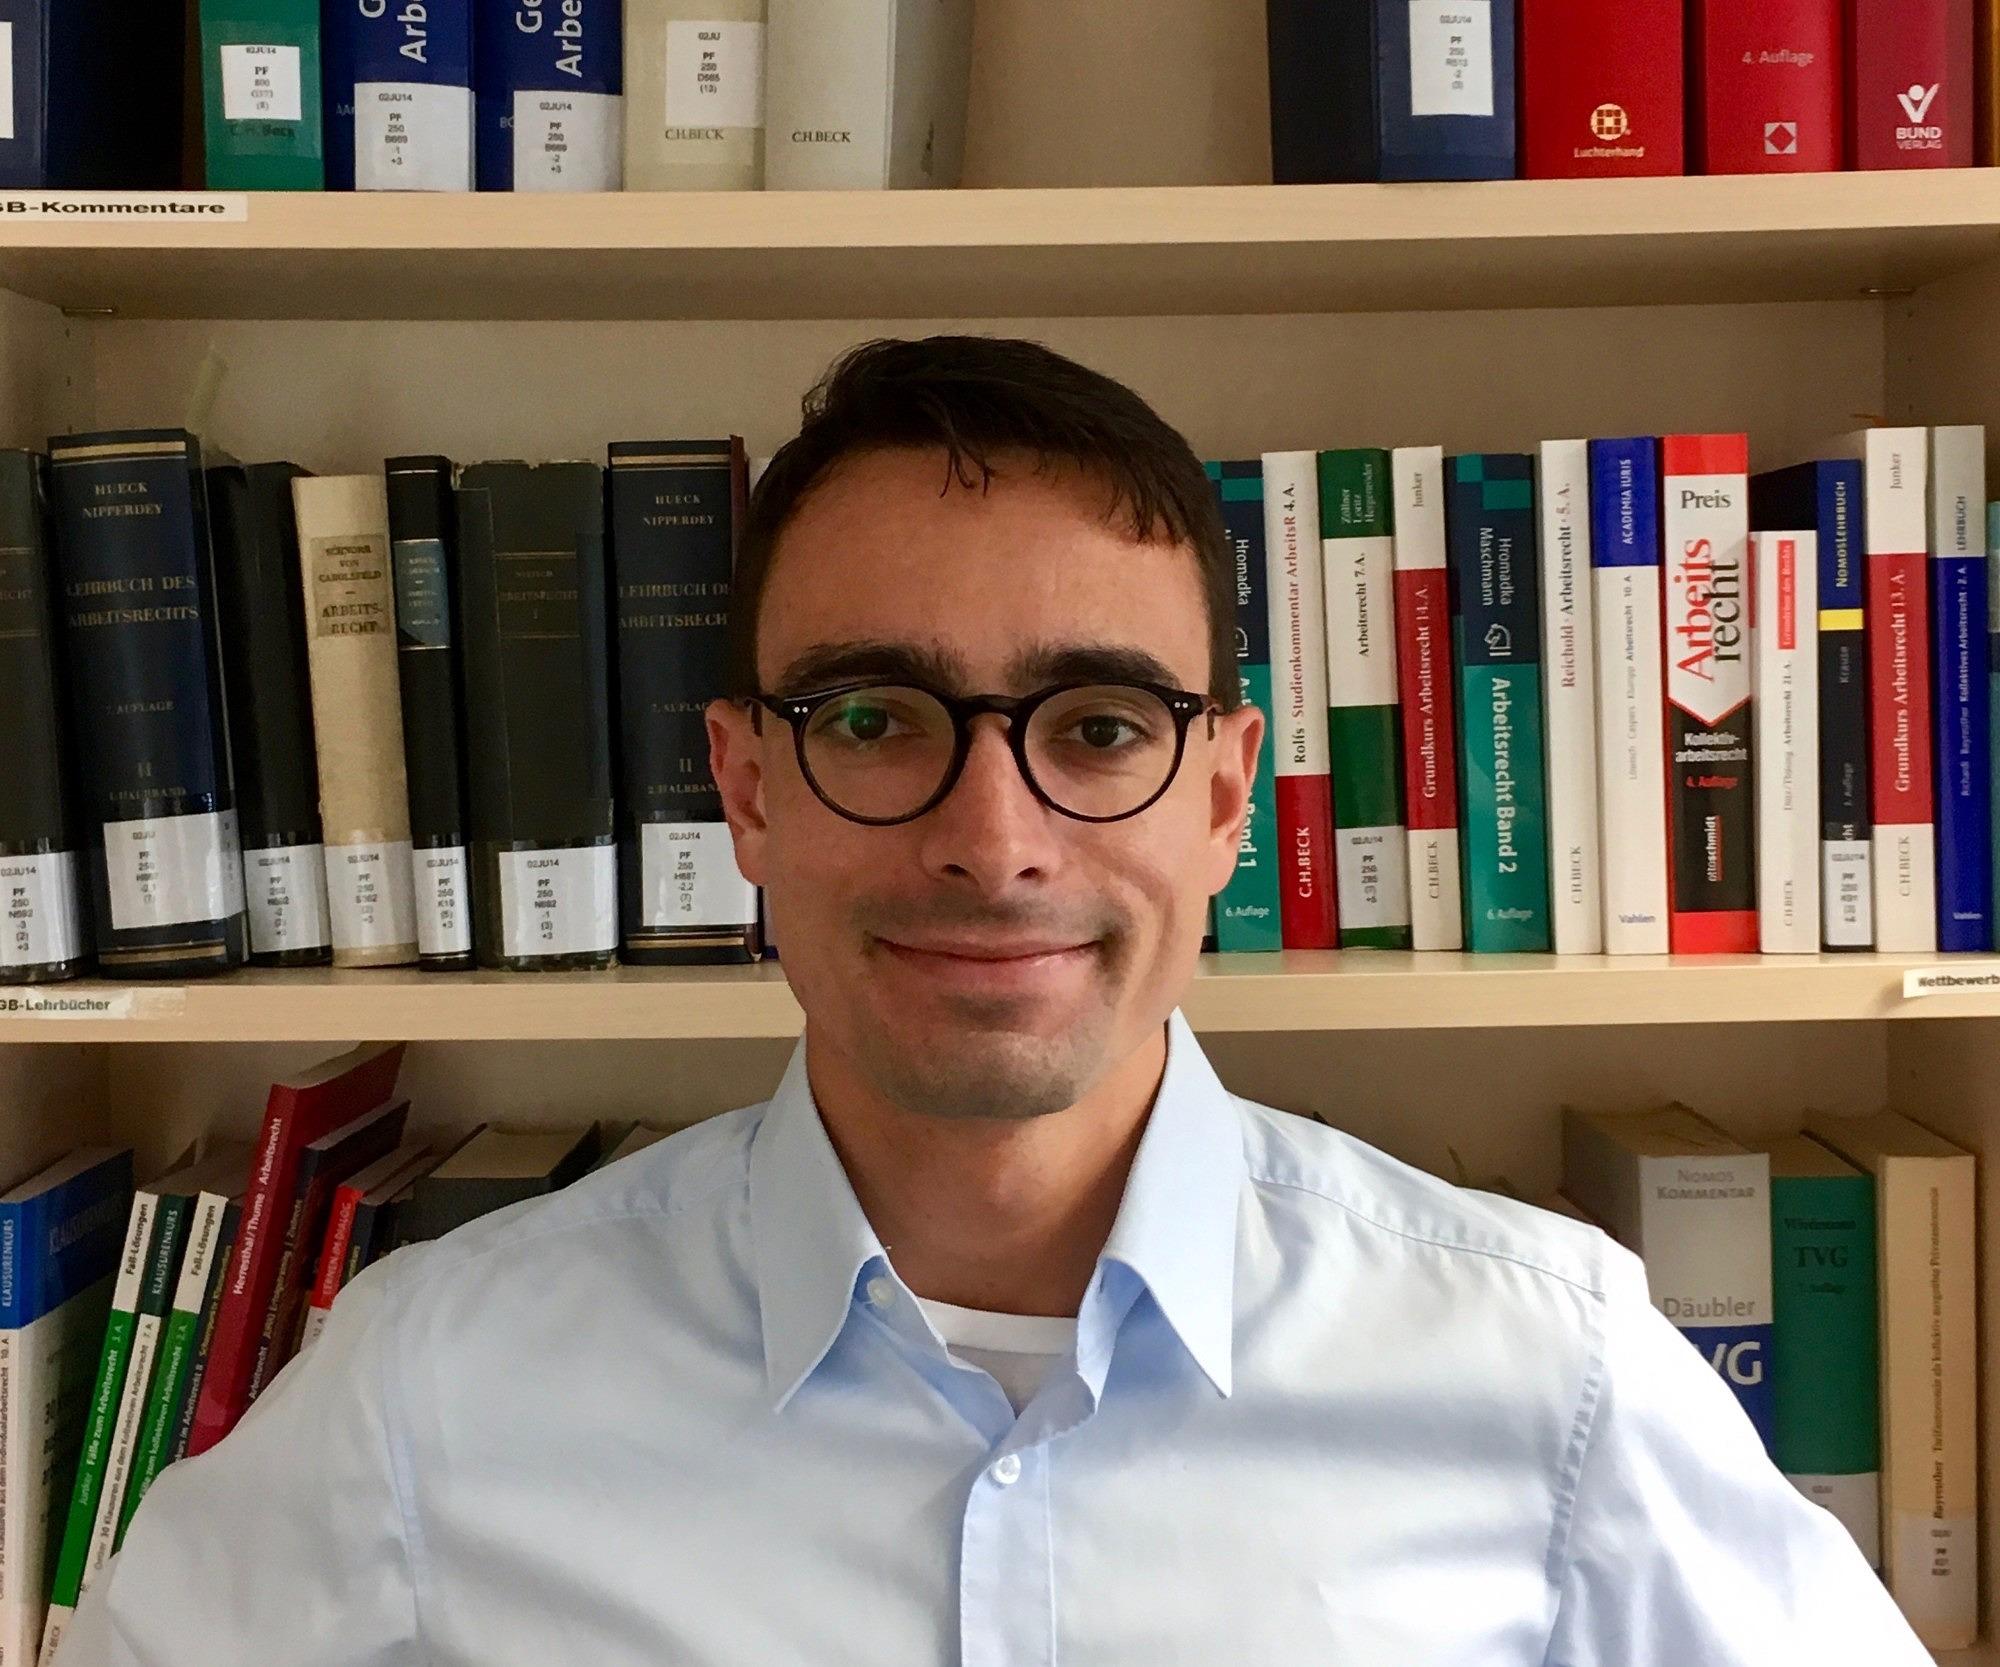 Dr. Daniel Holler